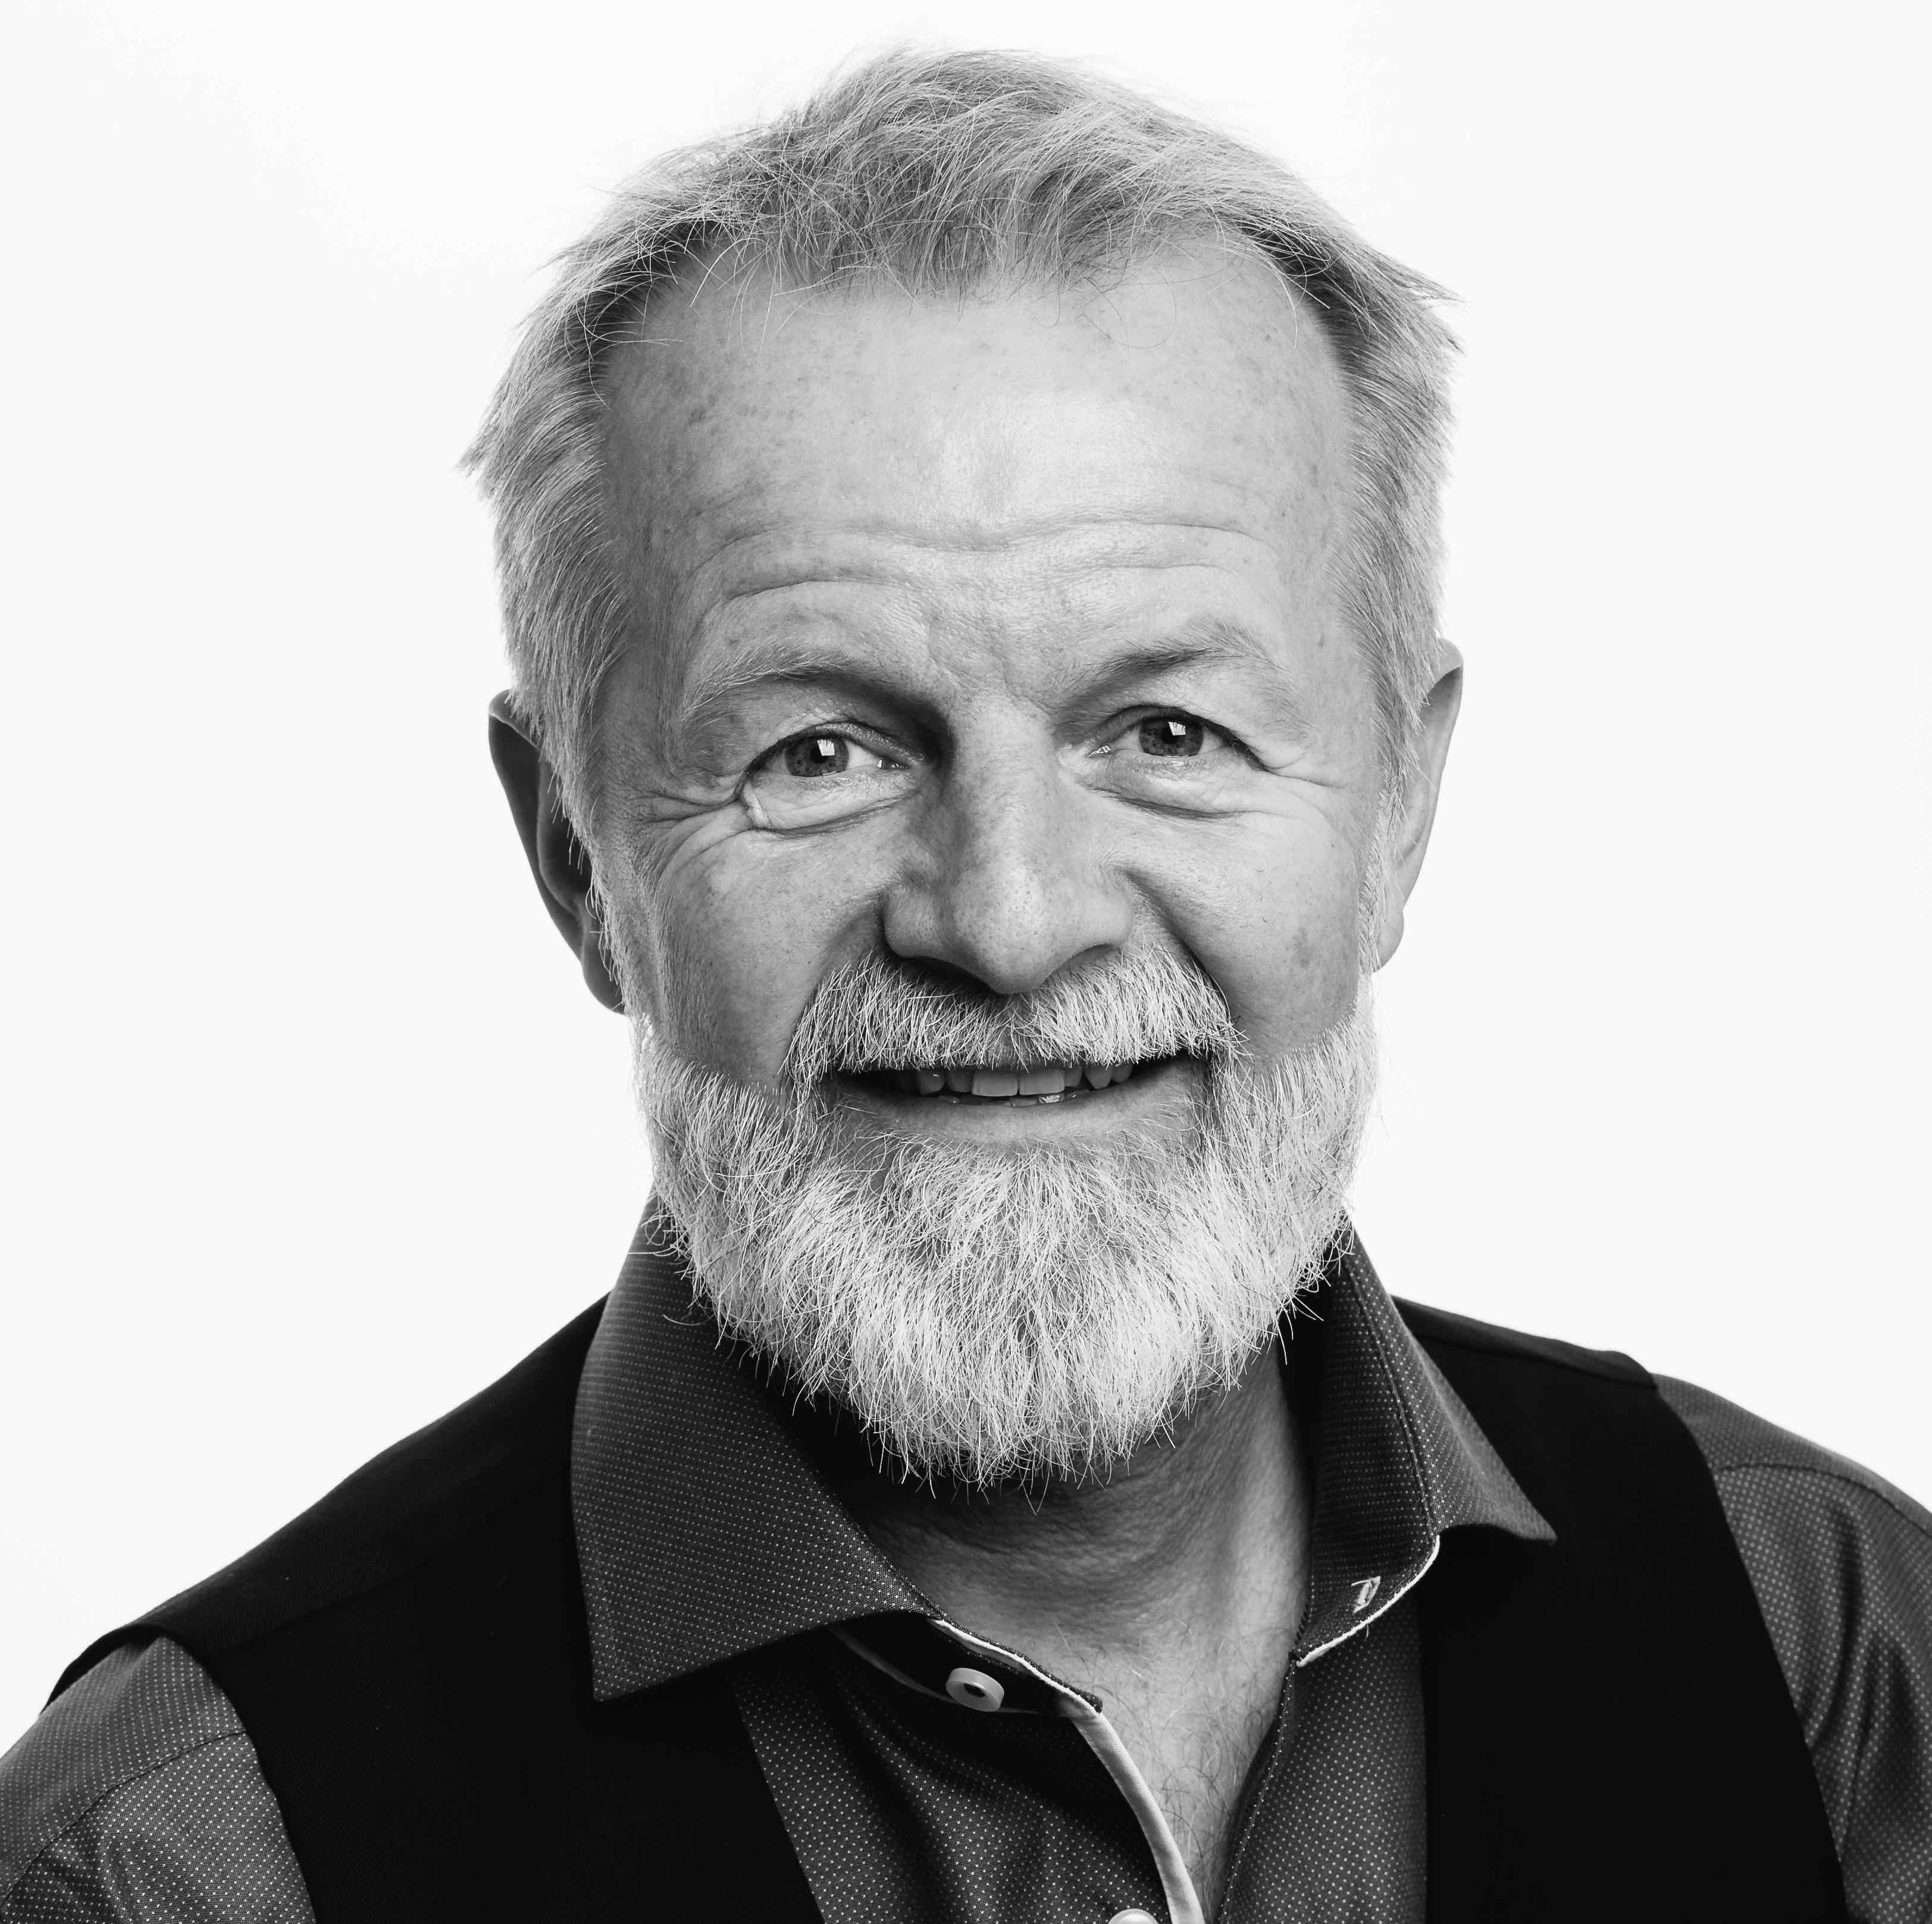 Søren Lohmann